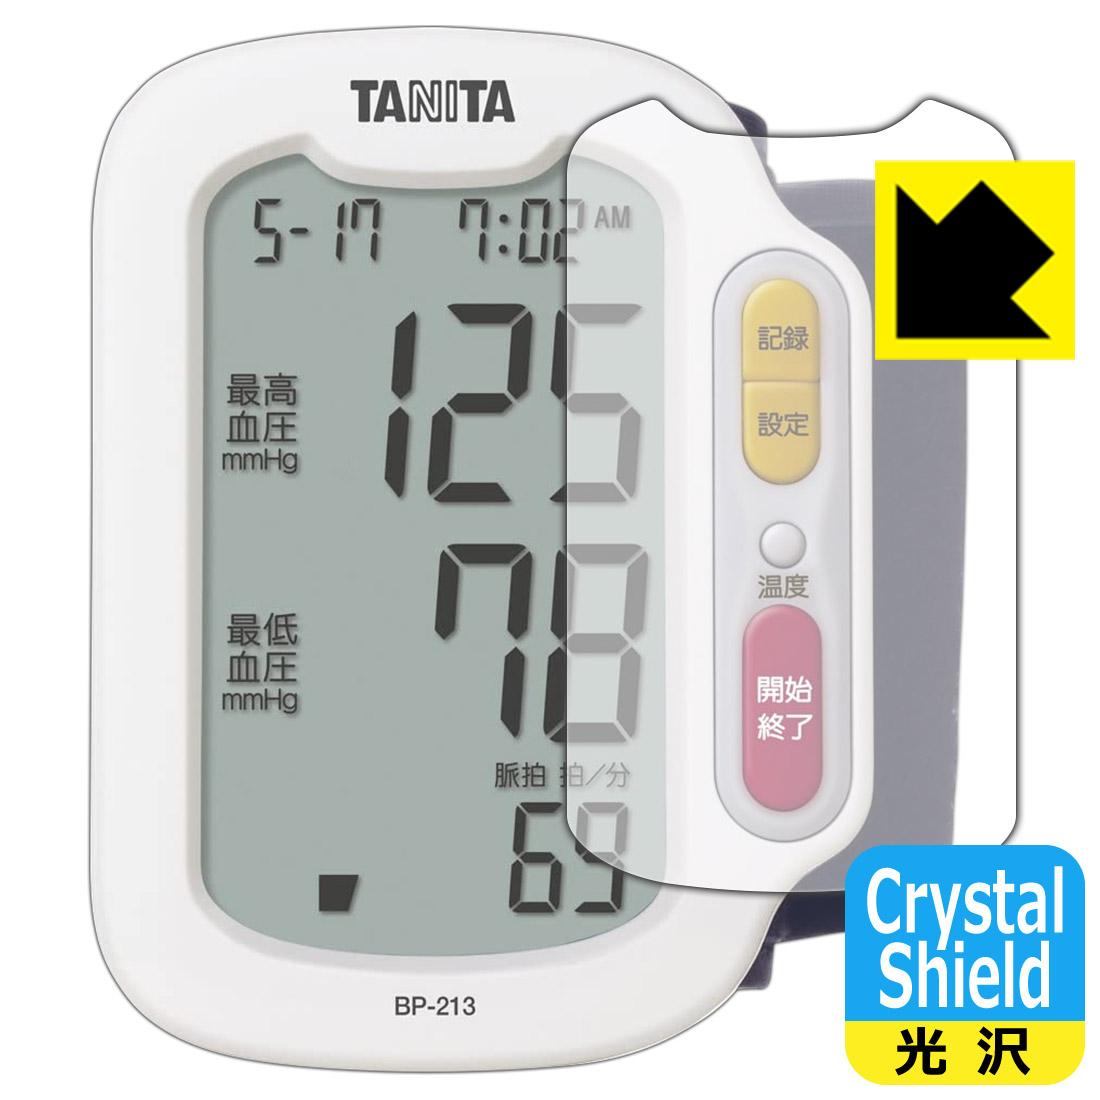 マーケット 光沢タイプ タニタ手首式血圧計 BP-213 用 専用保護フィルム Shield 保護シート ランキング総合1位 Crystal smtb-kd